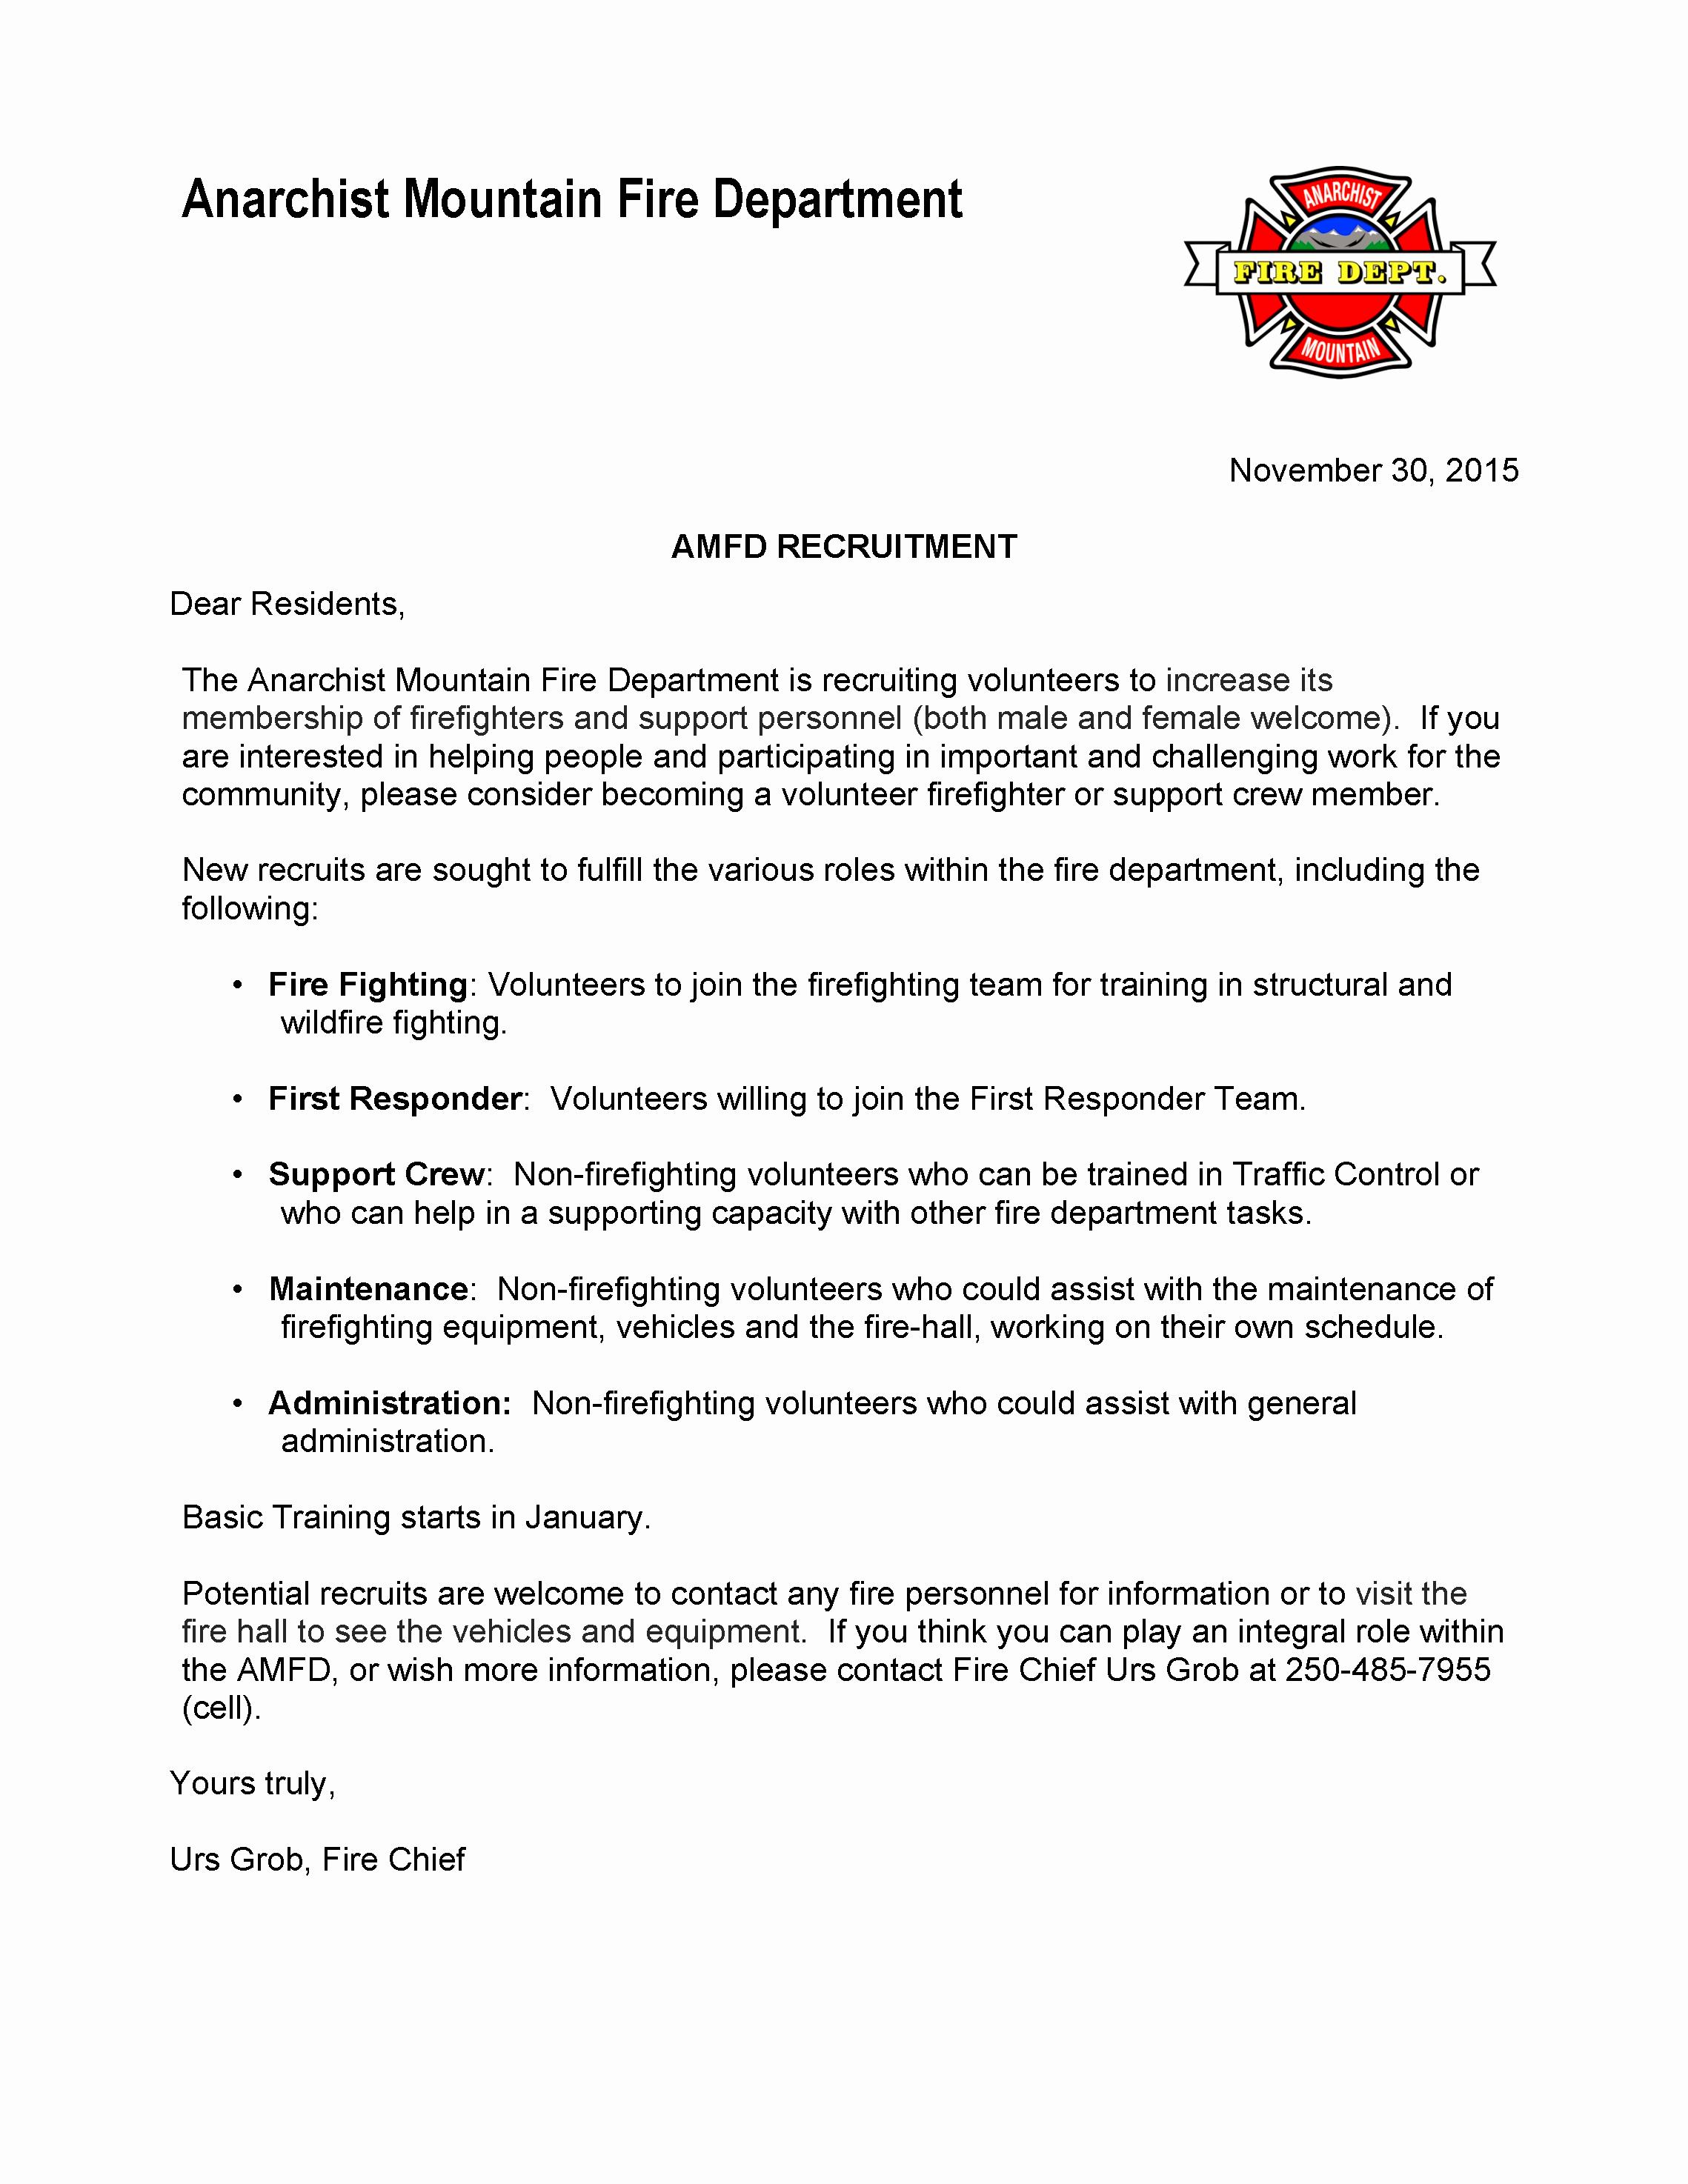 Sample Volunteer Recruitment Letter Lovely Amfd Volunteer Recruitment